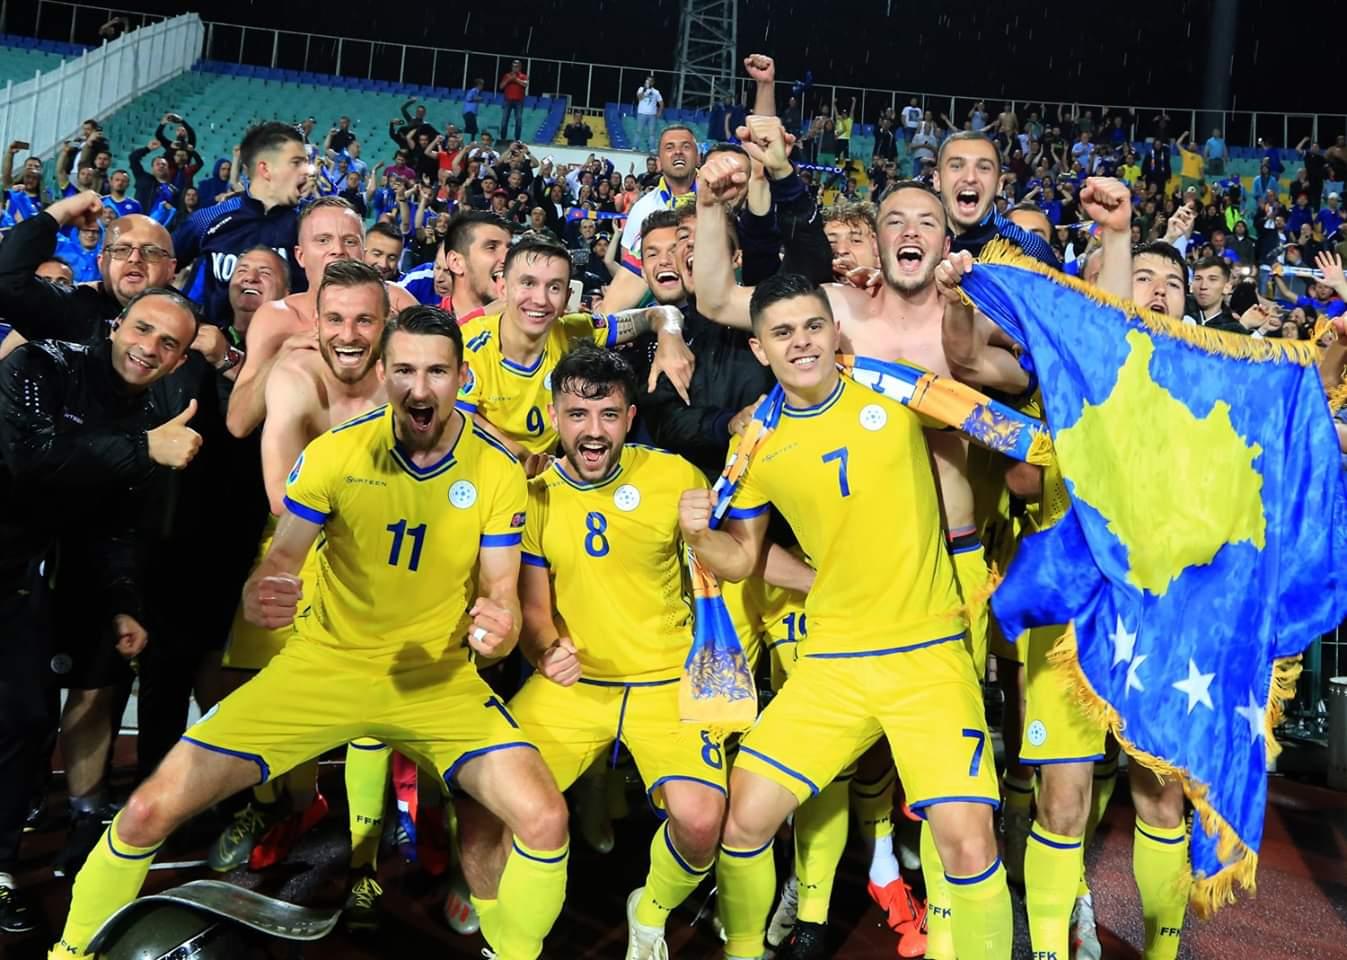 kosovo-nece-moci-da-igra-fudbal-sa-srbijom-bih-i-rusijom